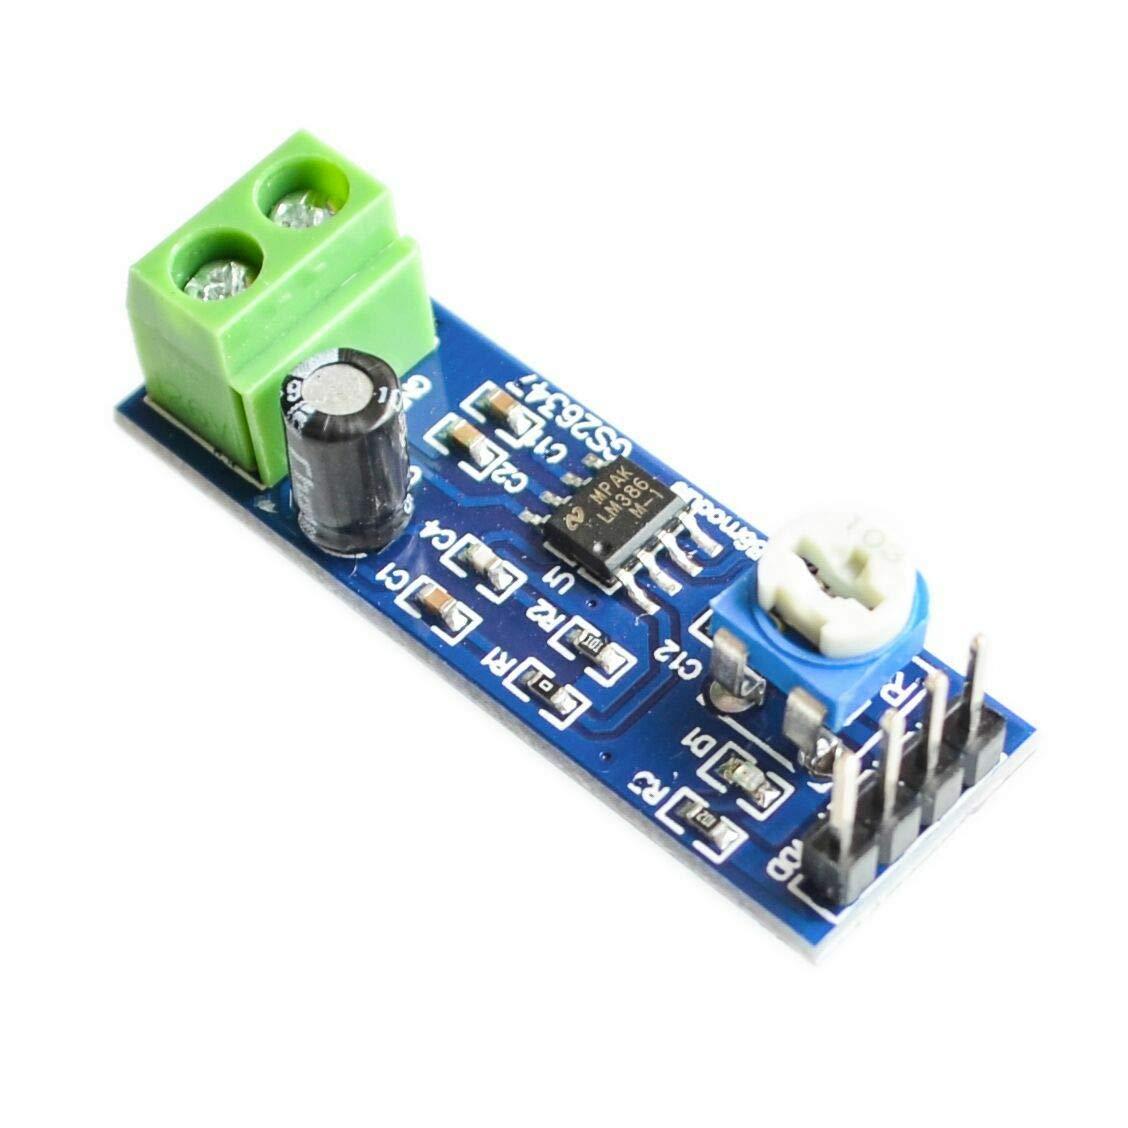 TECNOIOT 5pcs LM386 Audio Amplifier Module 200 Times 5V-12V Input 10K Resistance